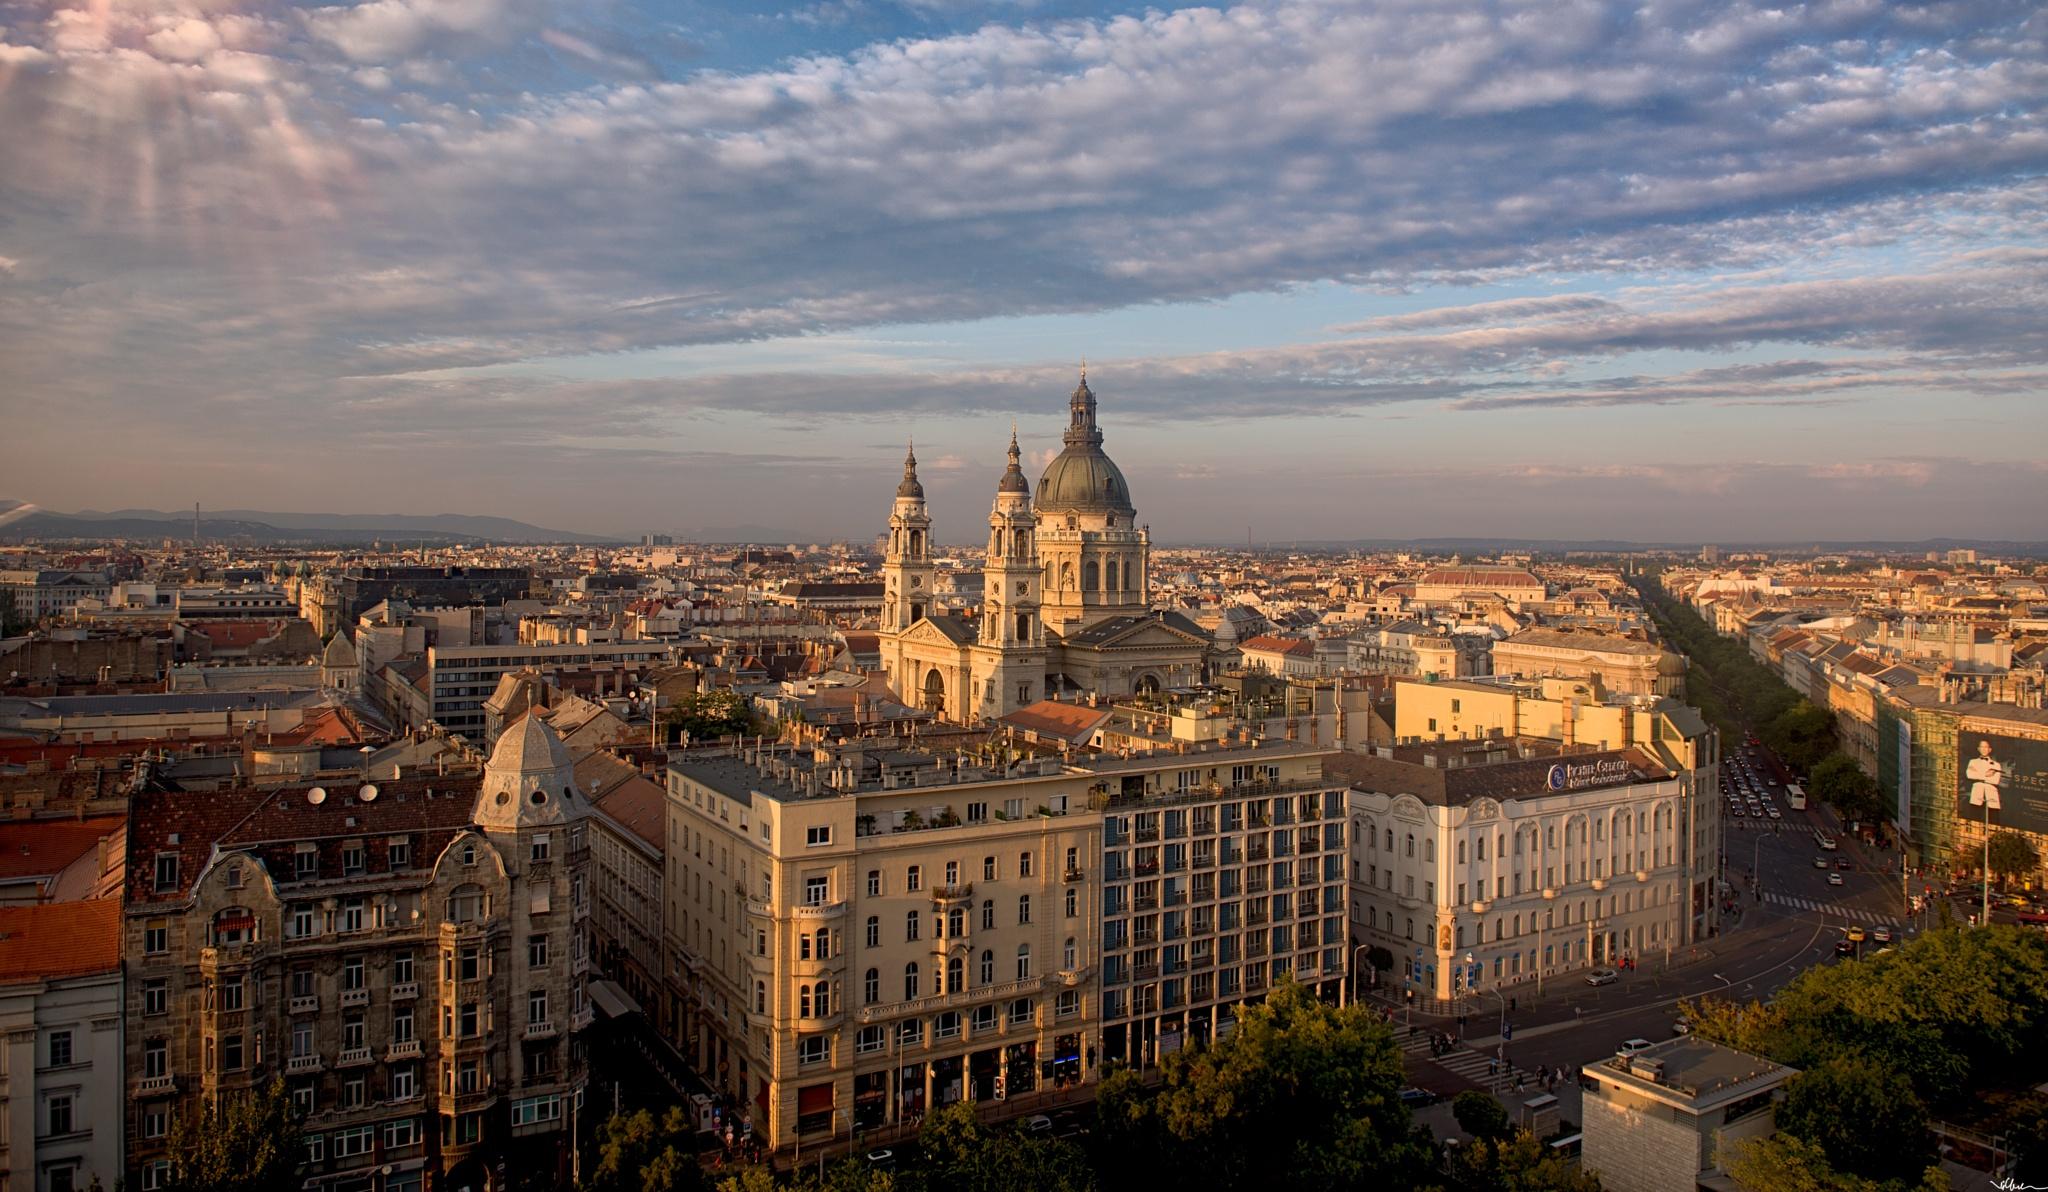 From Budapest eye by Viktor Stefanov